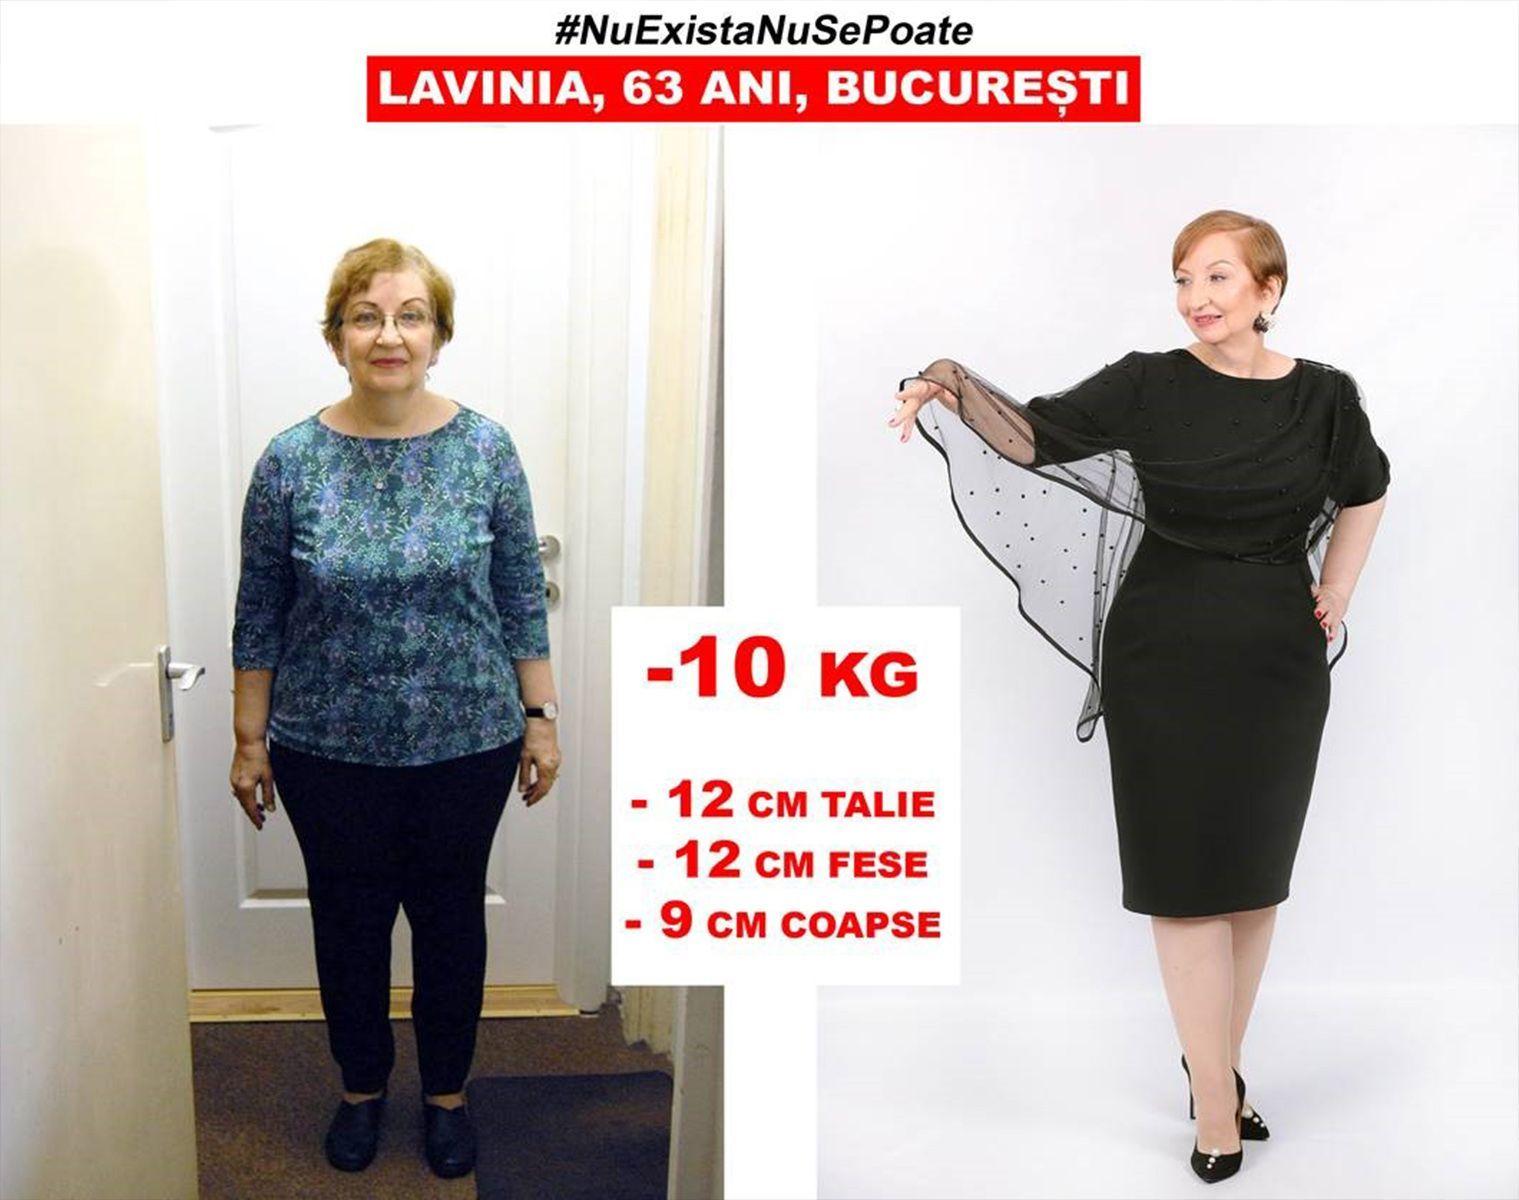 Lavinia Bosilca